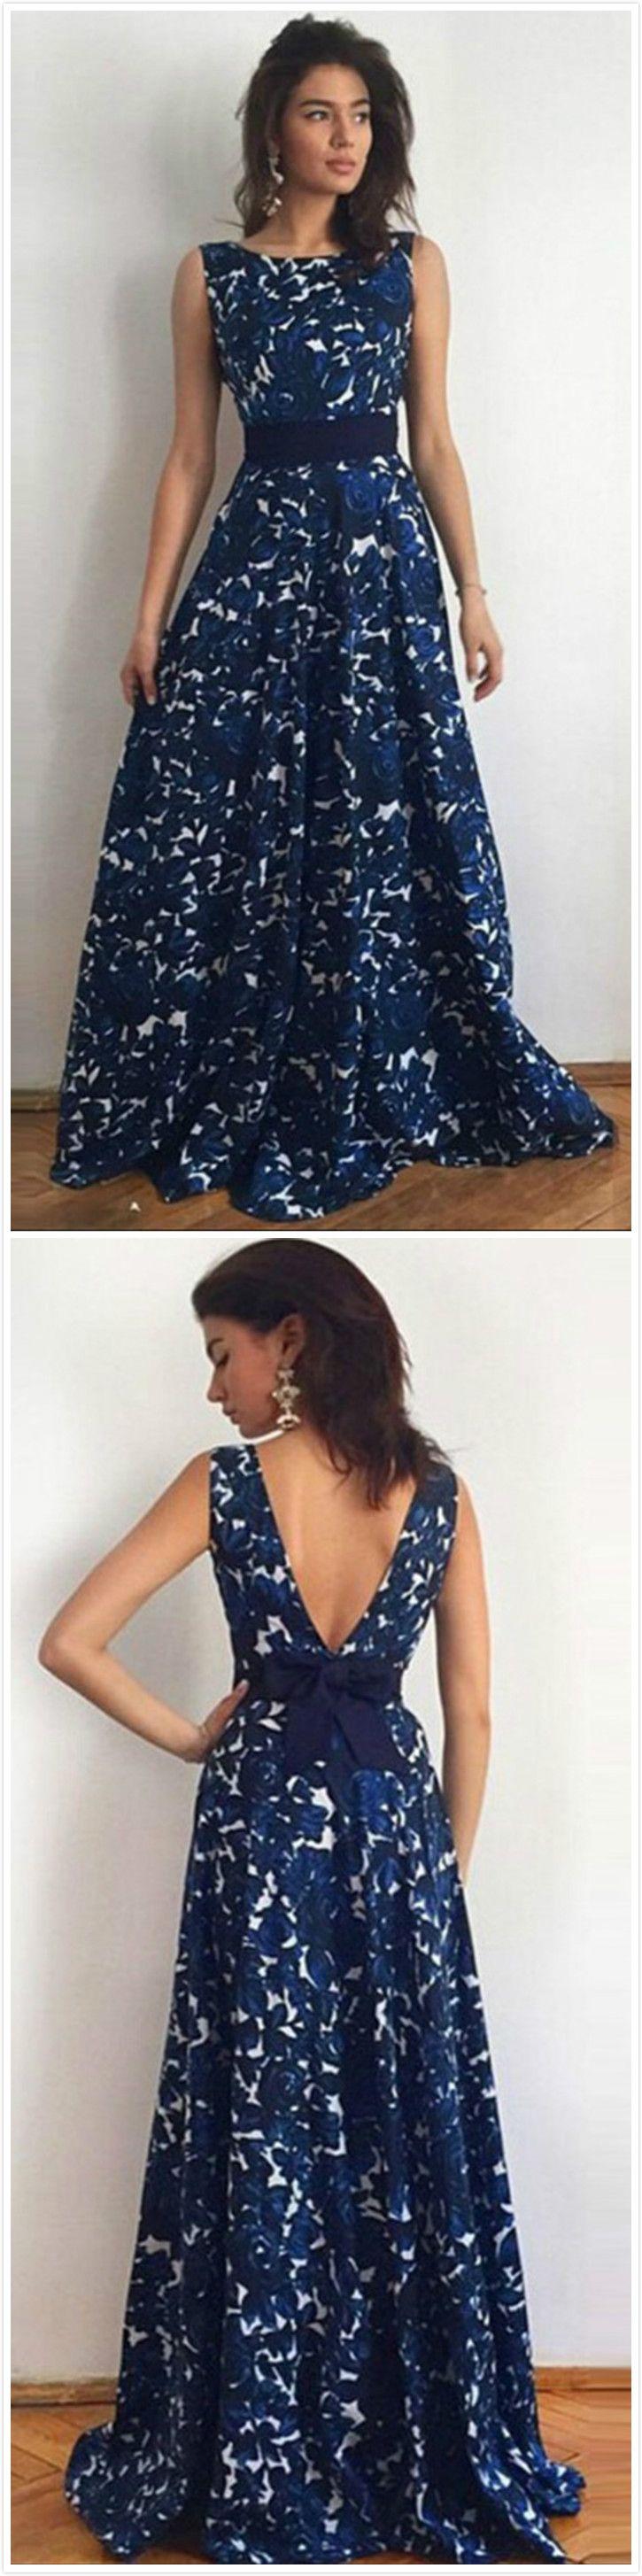 Women's Sleevelss Floral Print Maxi Dress